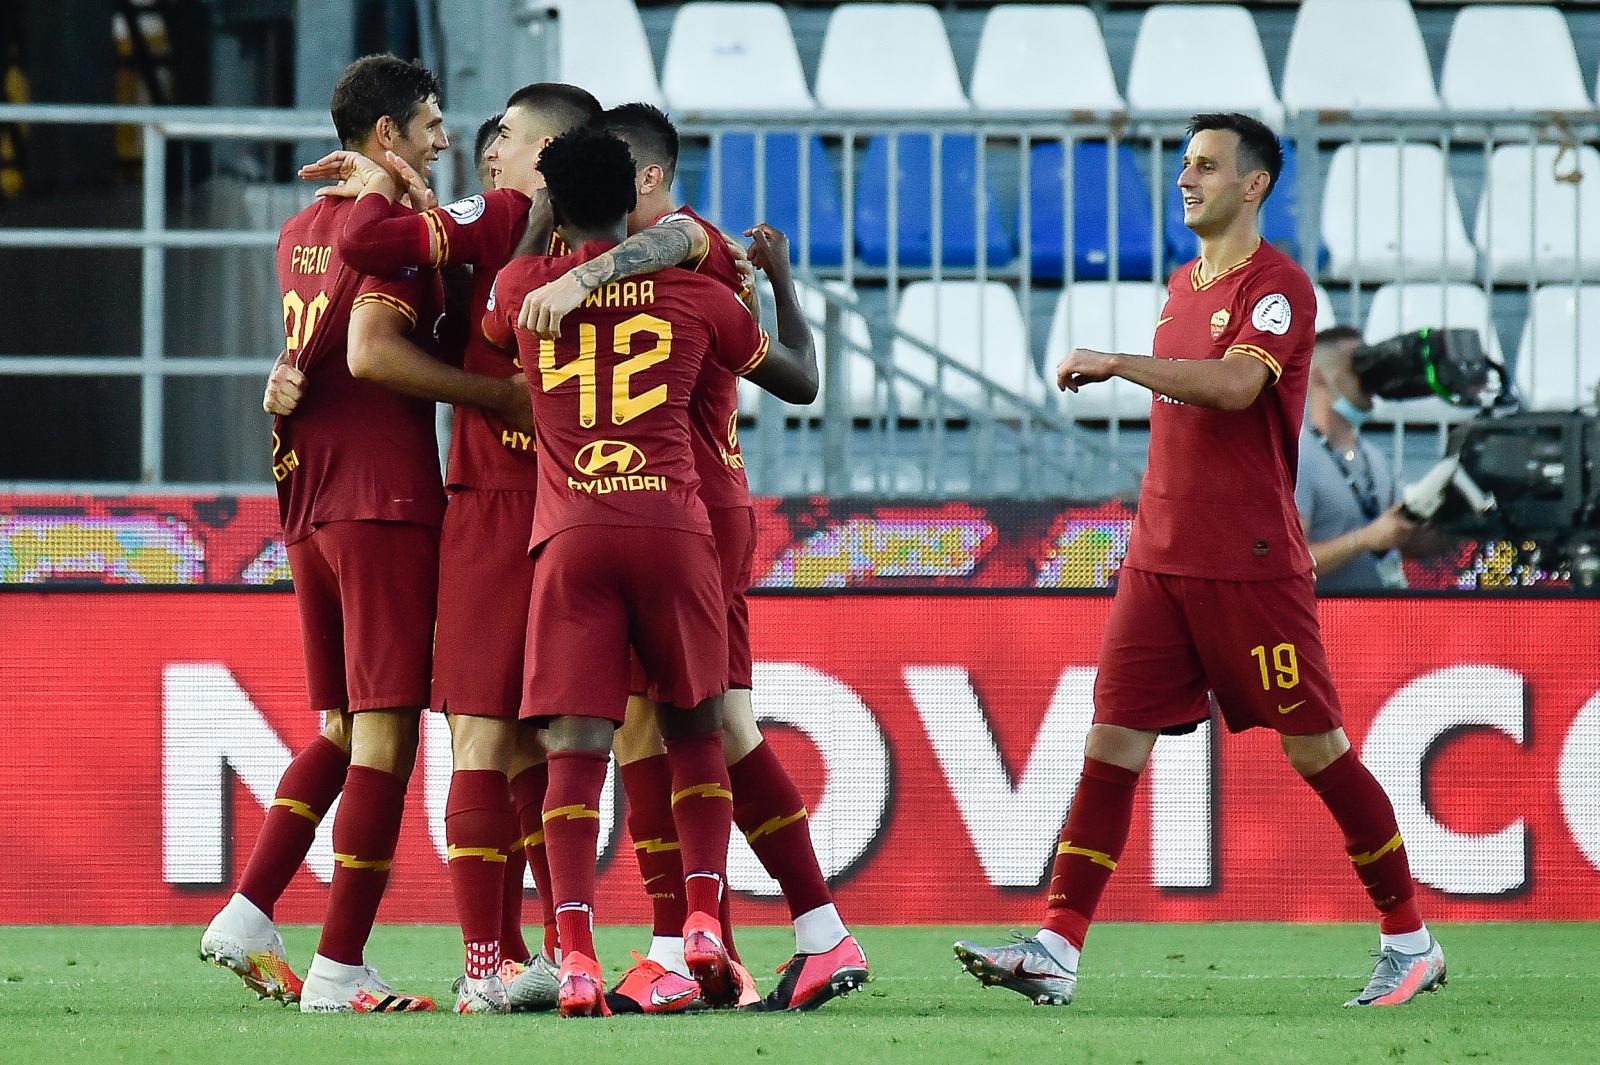 «Рома» - «Верона»: прогноз на матч чемпионата Италии